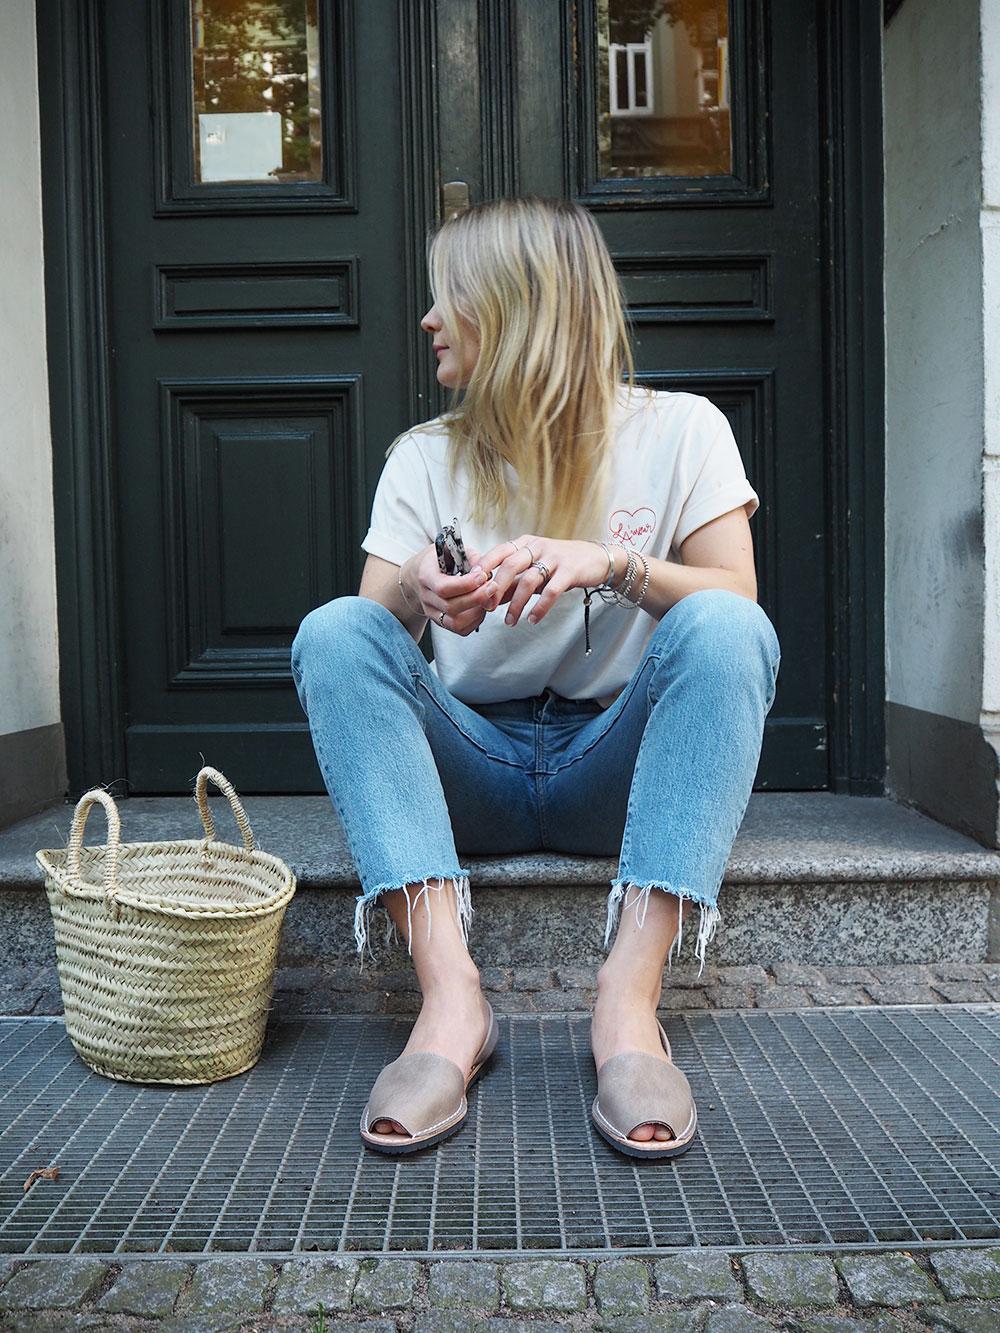 RosyCheeks-Blog-Avarcaria-Sandals-Levis-wedgie